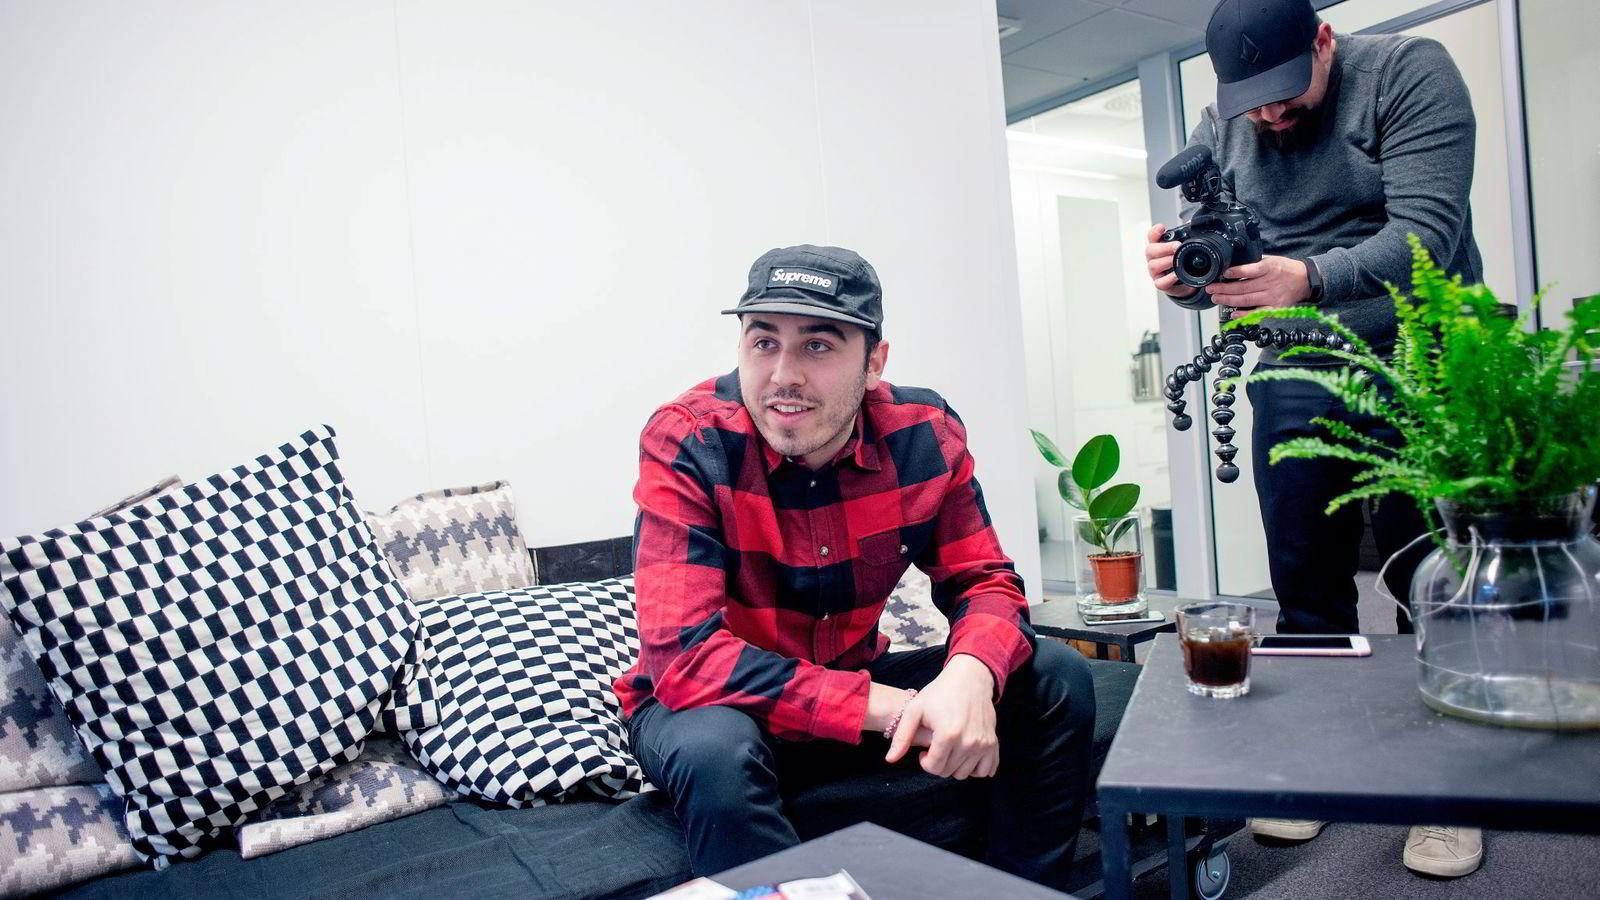 Snapchat-ekspert og kreativ produsent Sam Sheffer i Mashable prøver å lage daglige videoblogger. Internasjonal direktør Thomas Moen i United Influencers filmer.